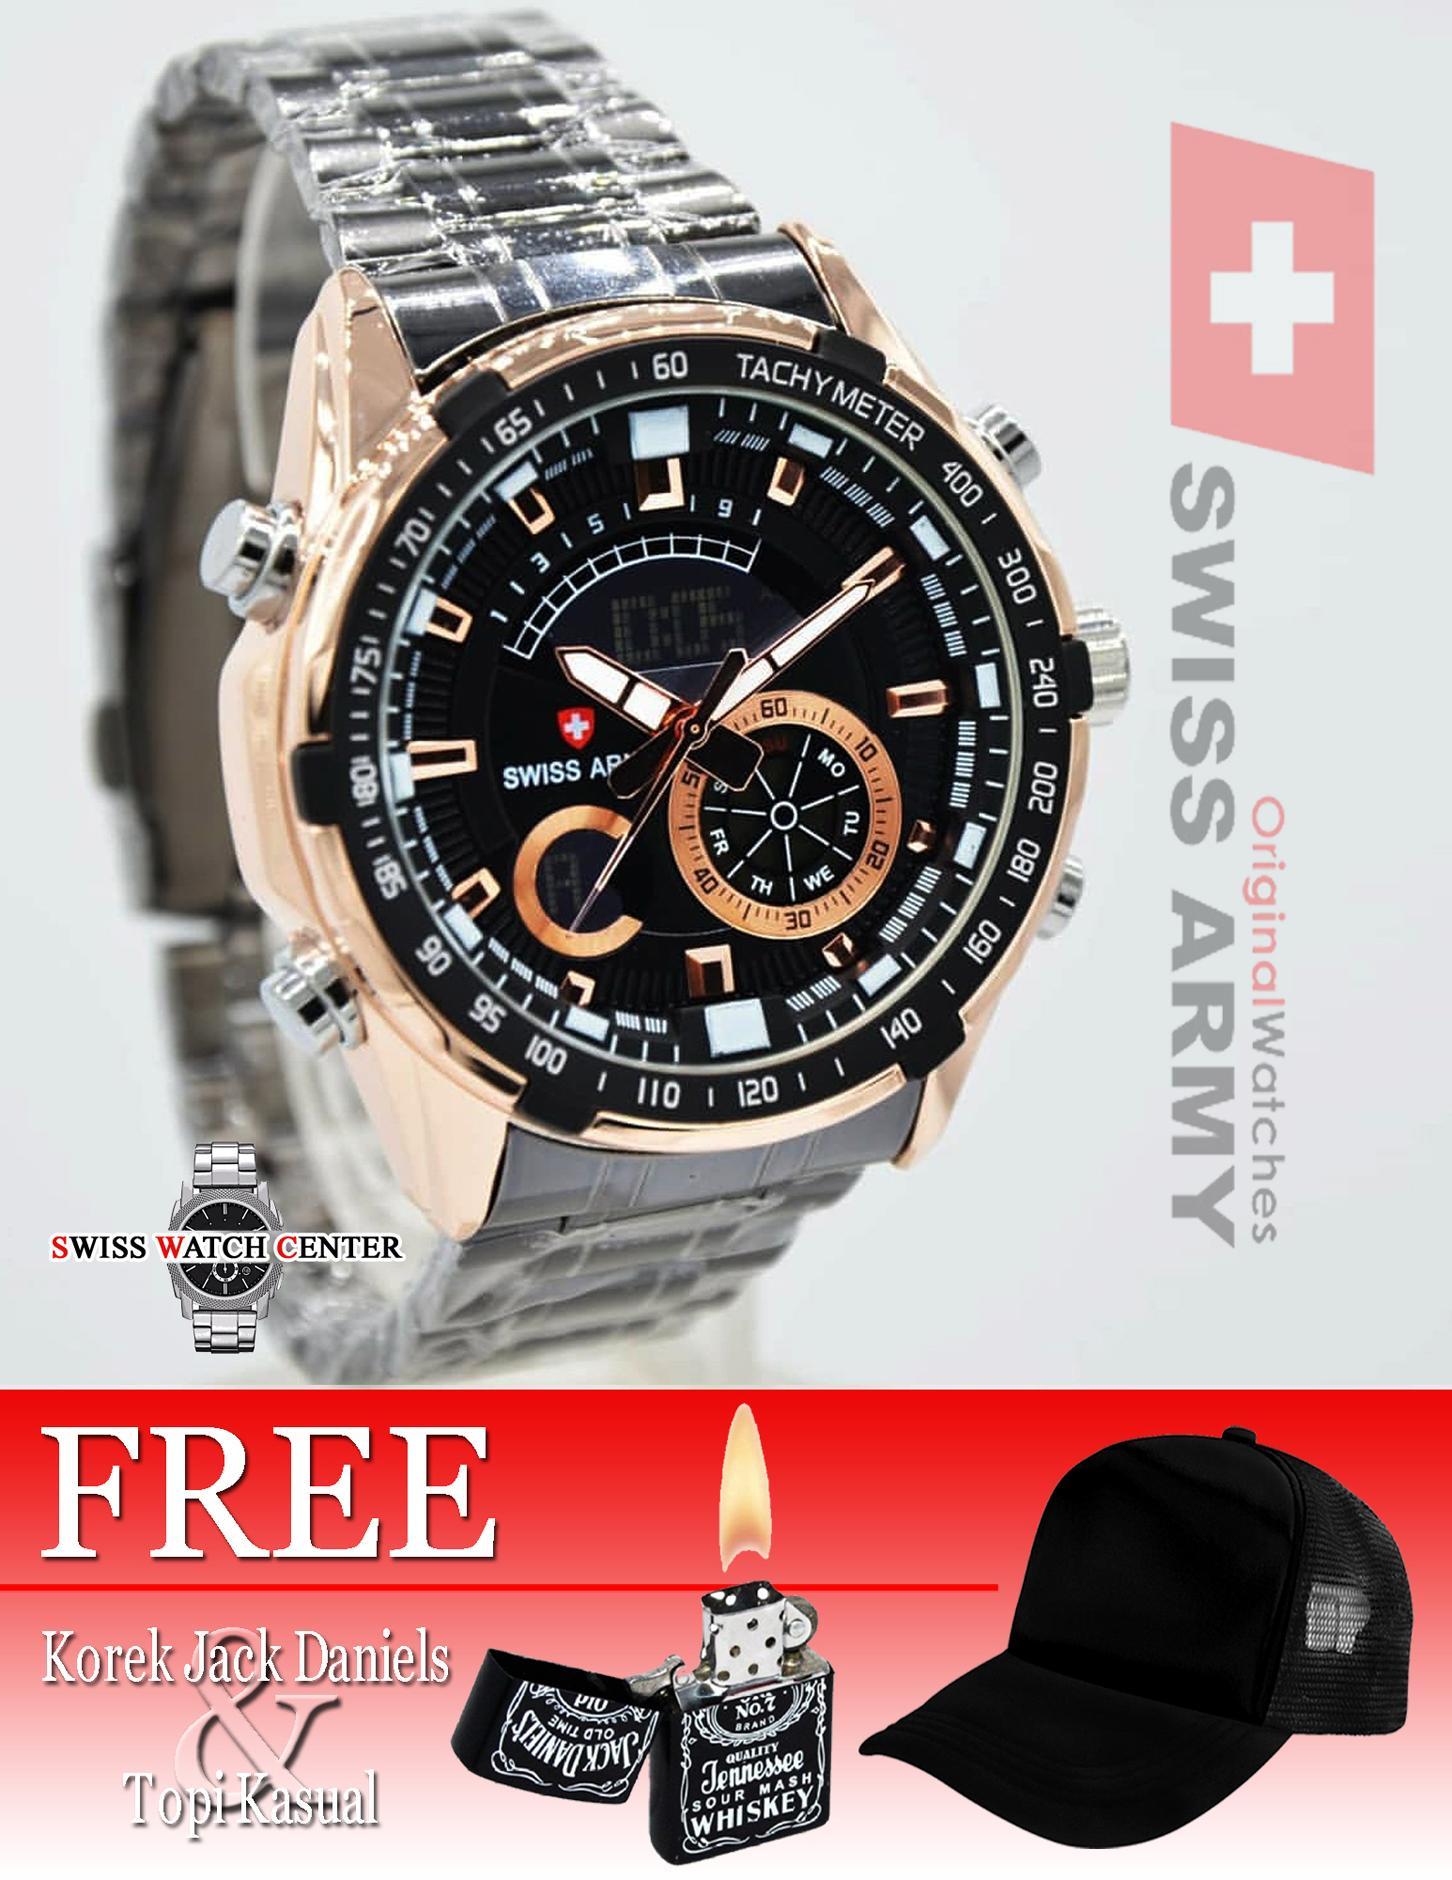 Swiss Army Dual Time Original - Grand-Prix - Jam Tangan Pria - Stainless Steel - Fitur Lengkap - Bonus Topi Dan Korek JACK DANIELS